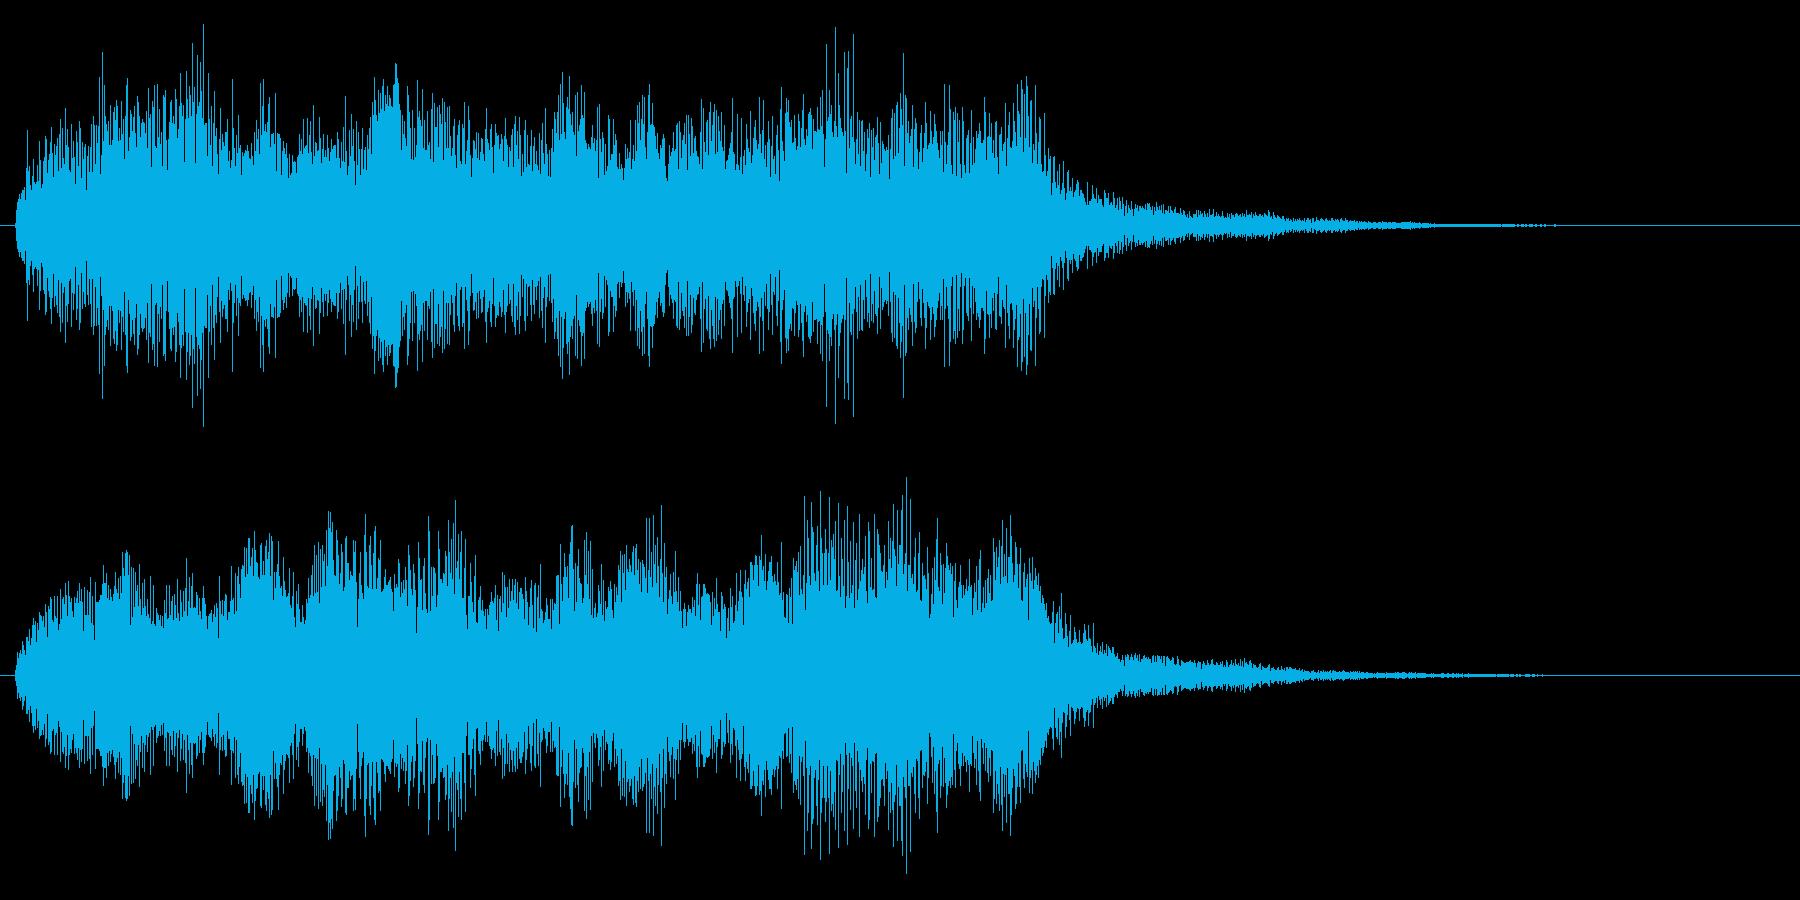 オーケストラ系のクリア音 レベルアップの再生済みの波形